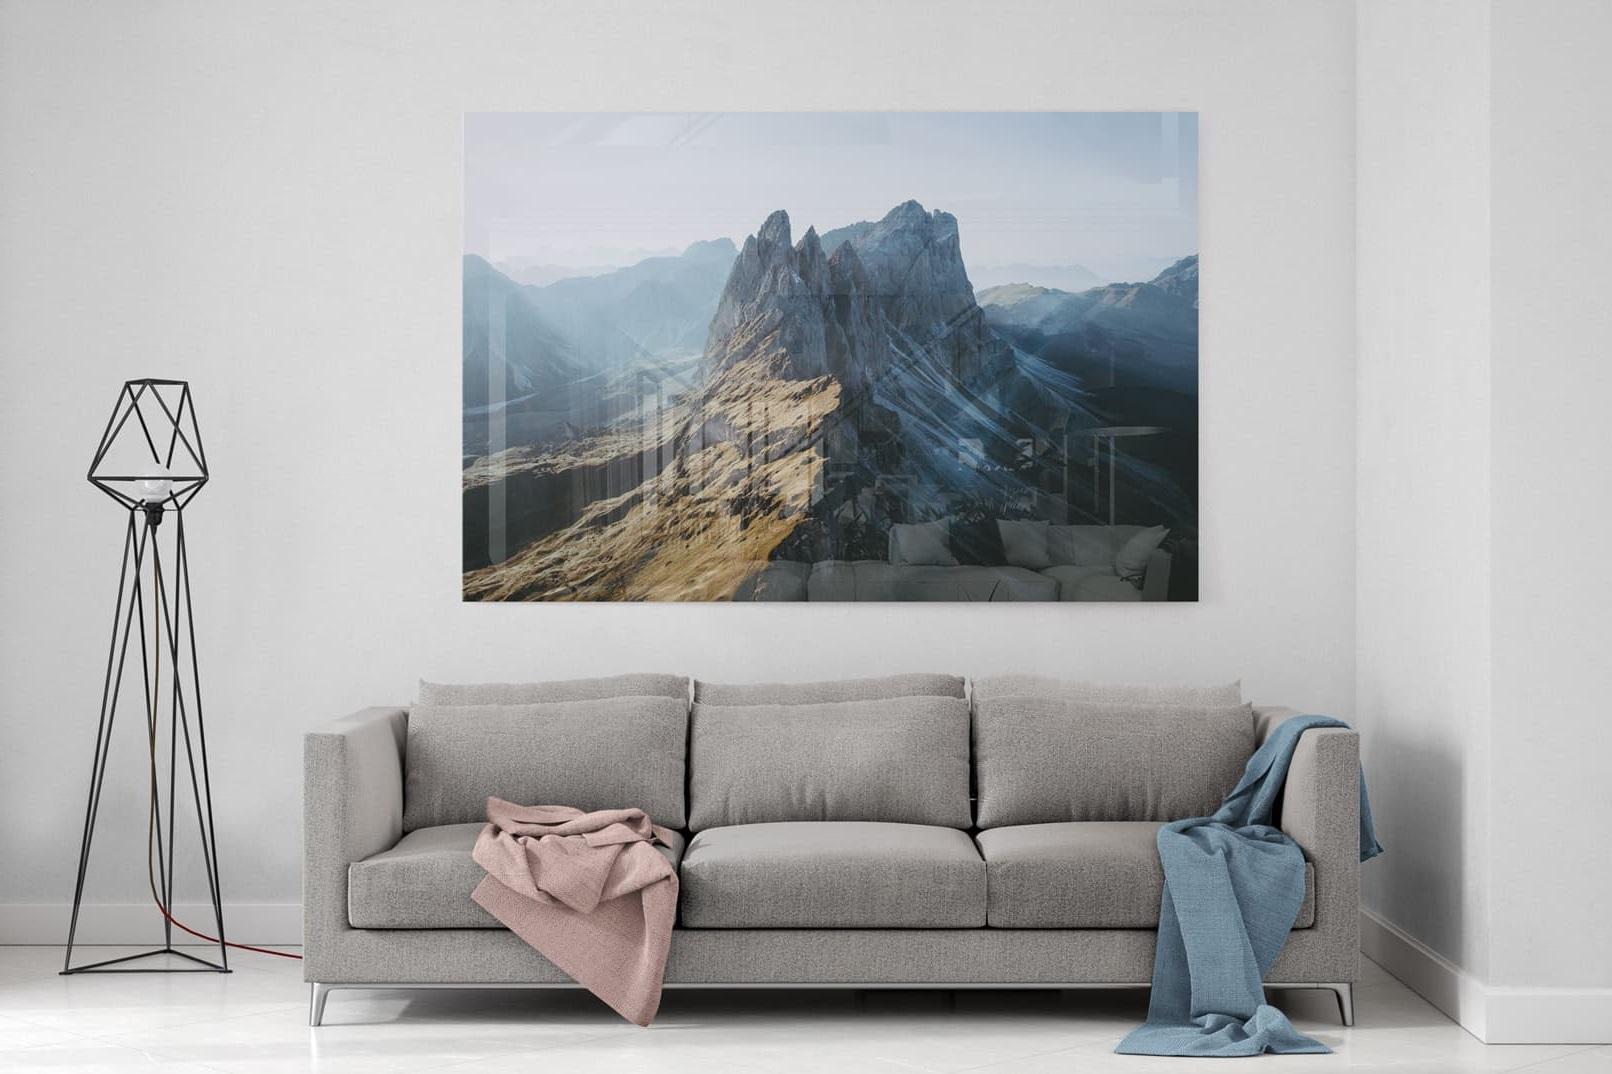 Si vous êtes un photographe de paysage, je pense que c'est presque une nécessité pour vous d'avoir au moins une copie acrylique de votre travail.